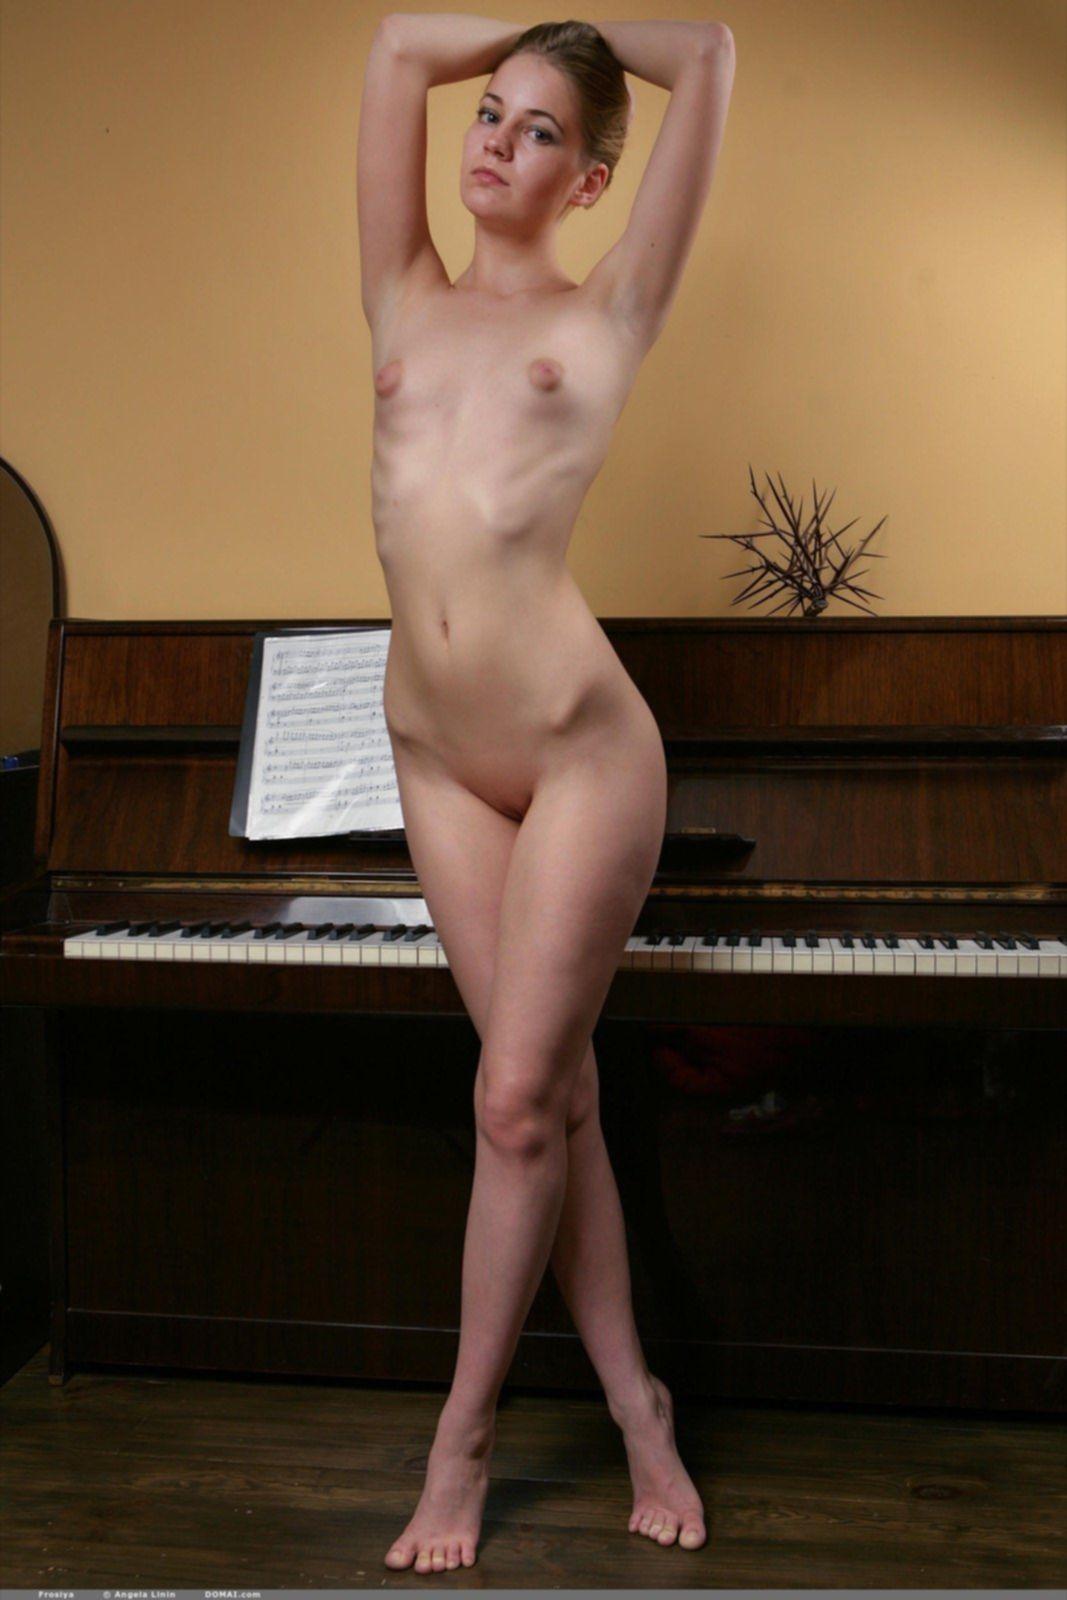 Голая девица в чулках позирует рядом с пианино - фото